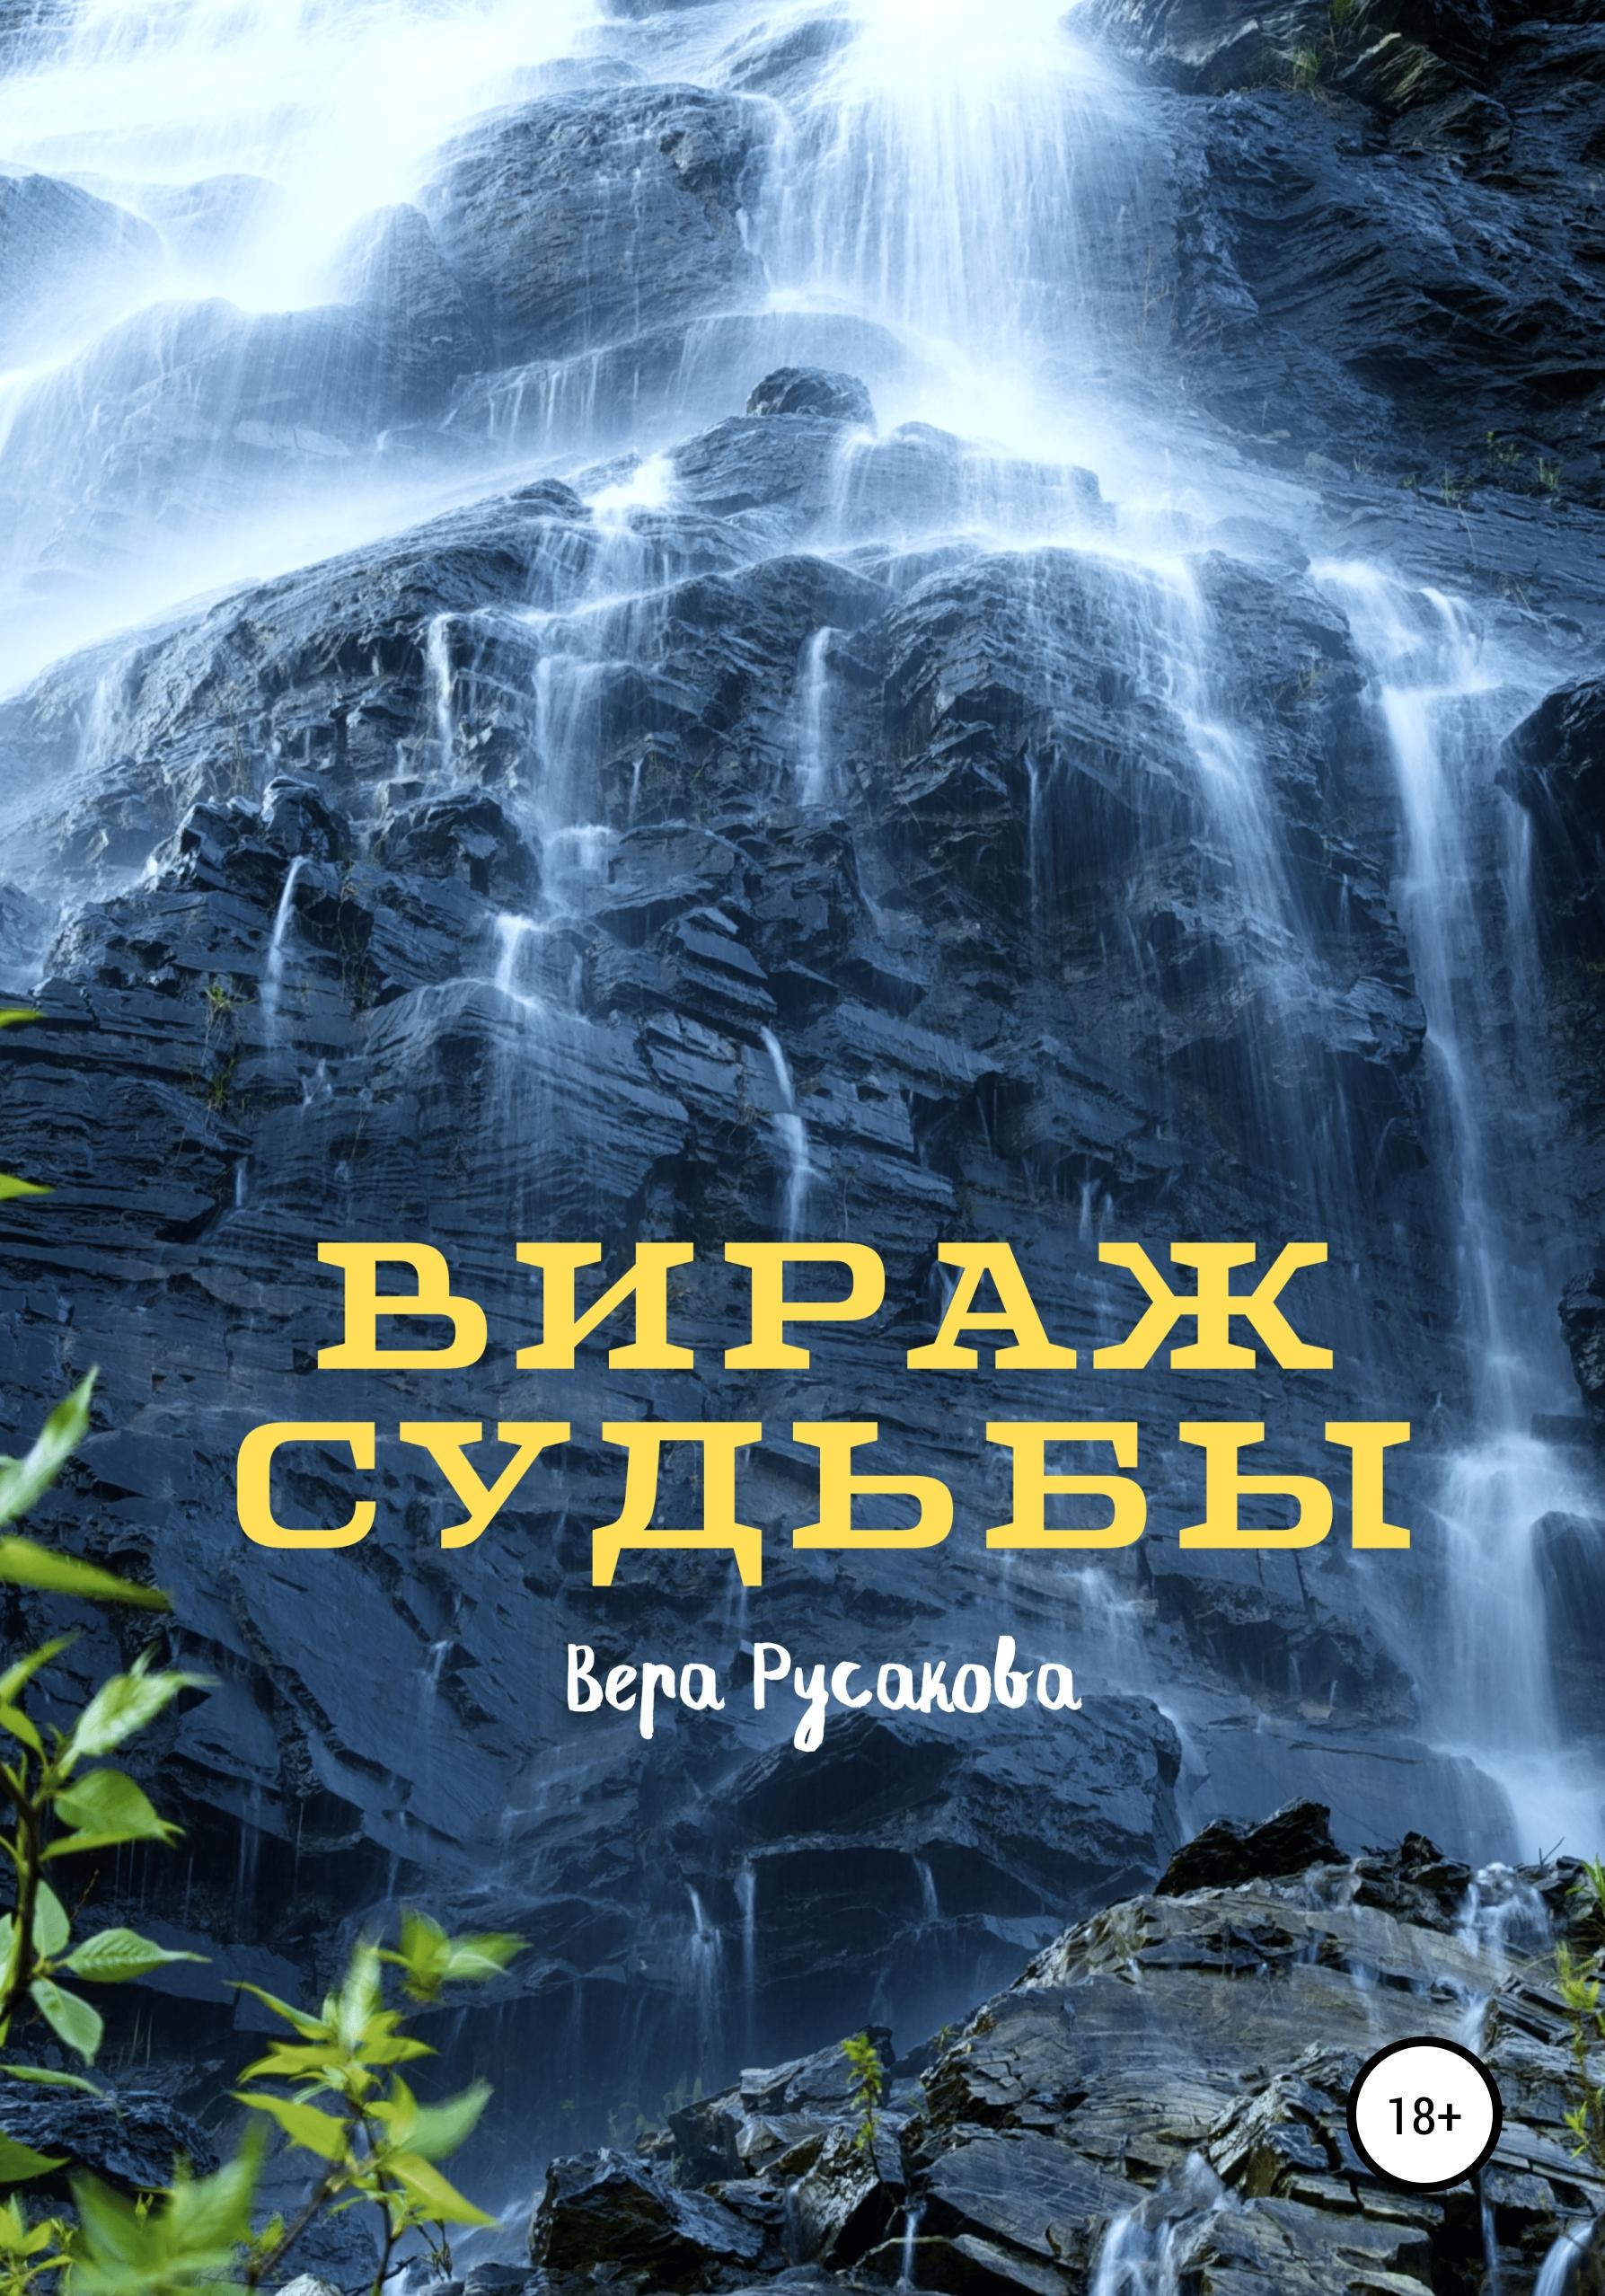 Купить книгу Вираж судьбы, автора Веры Русаковой